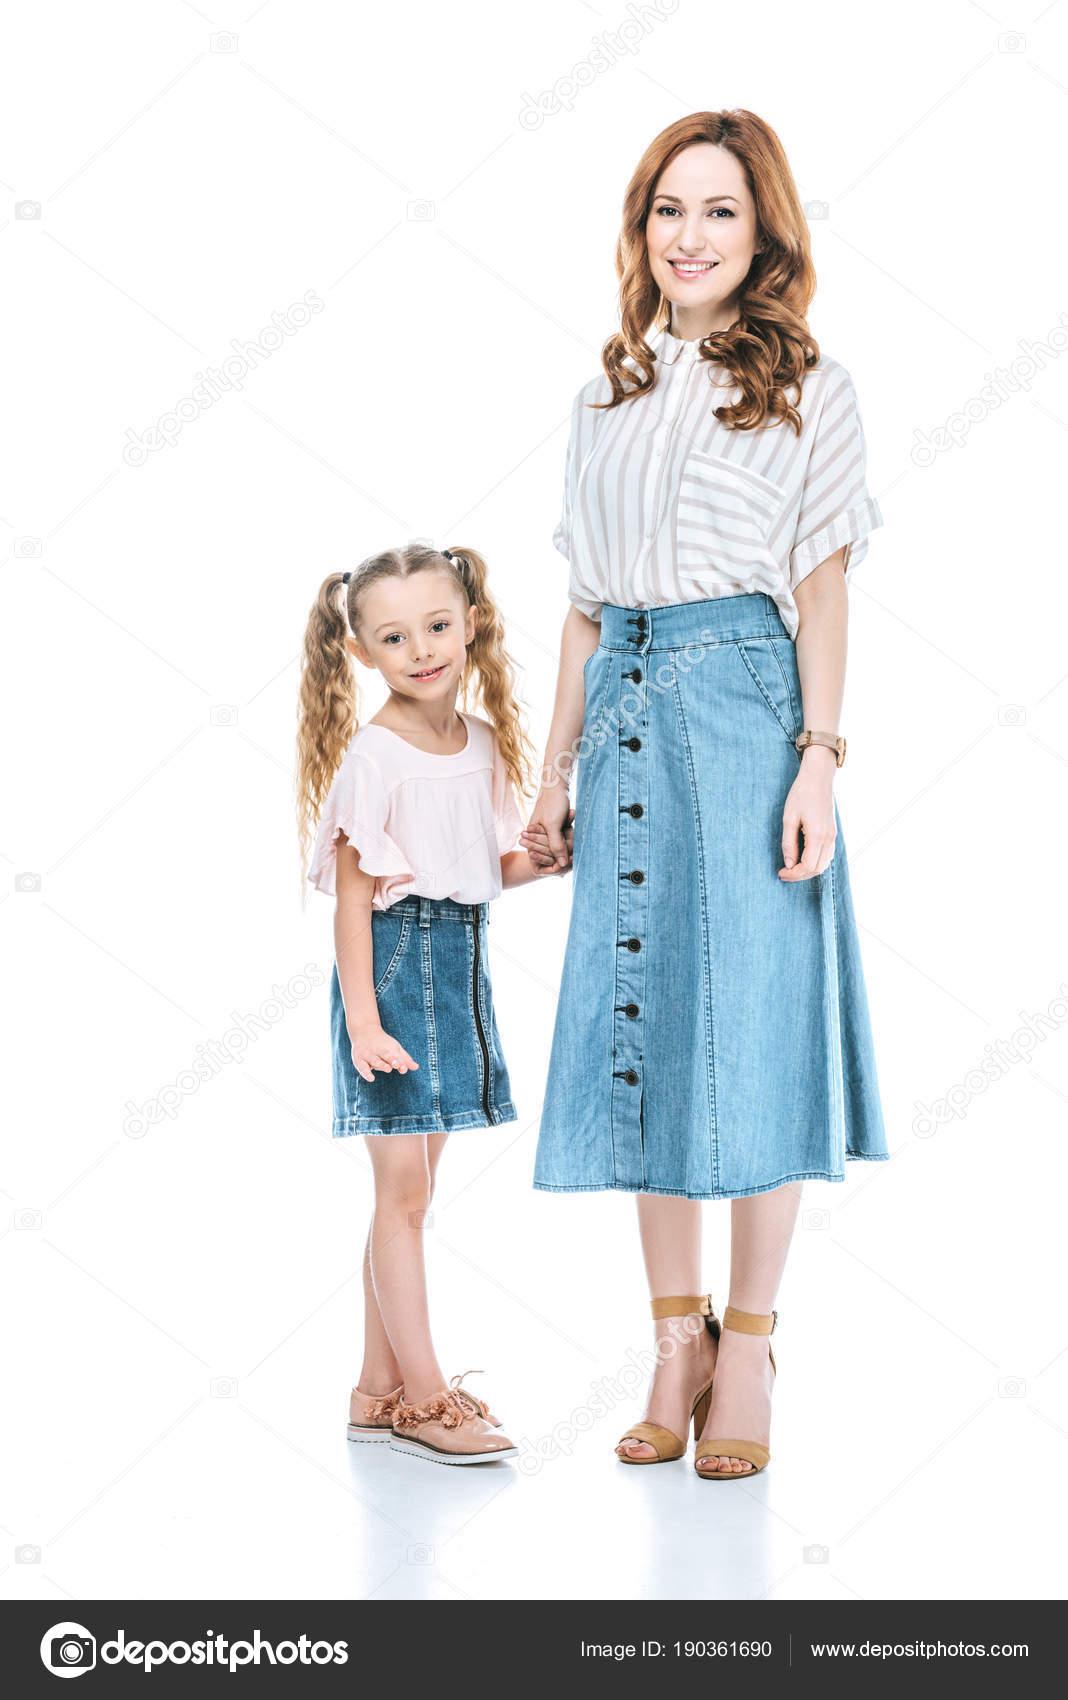 Случайные фотки мама в юбке